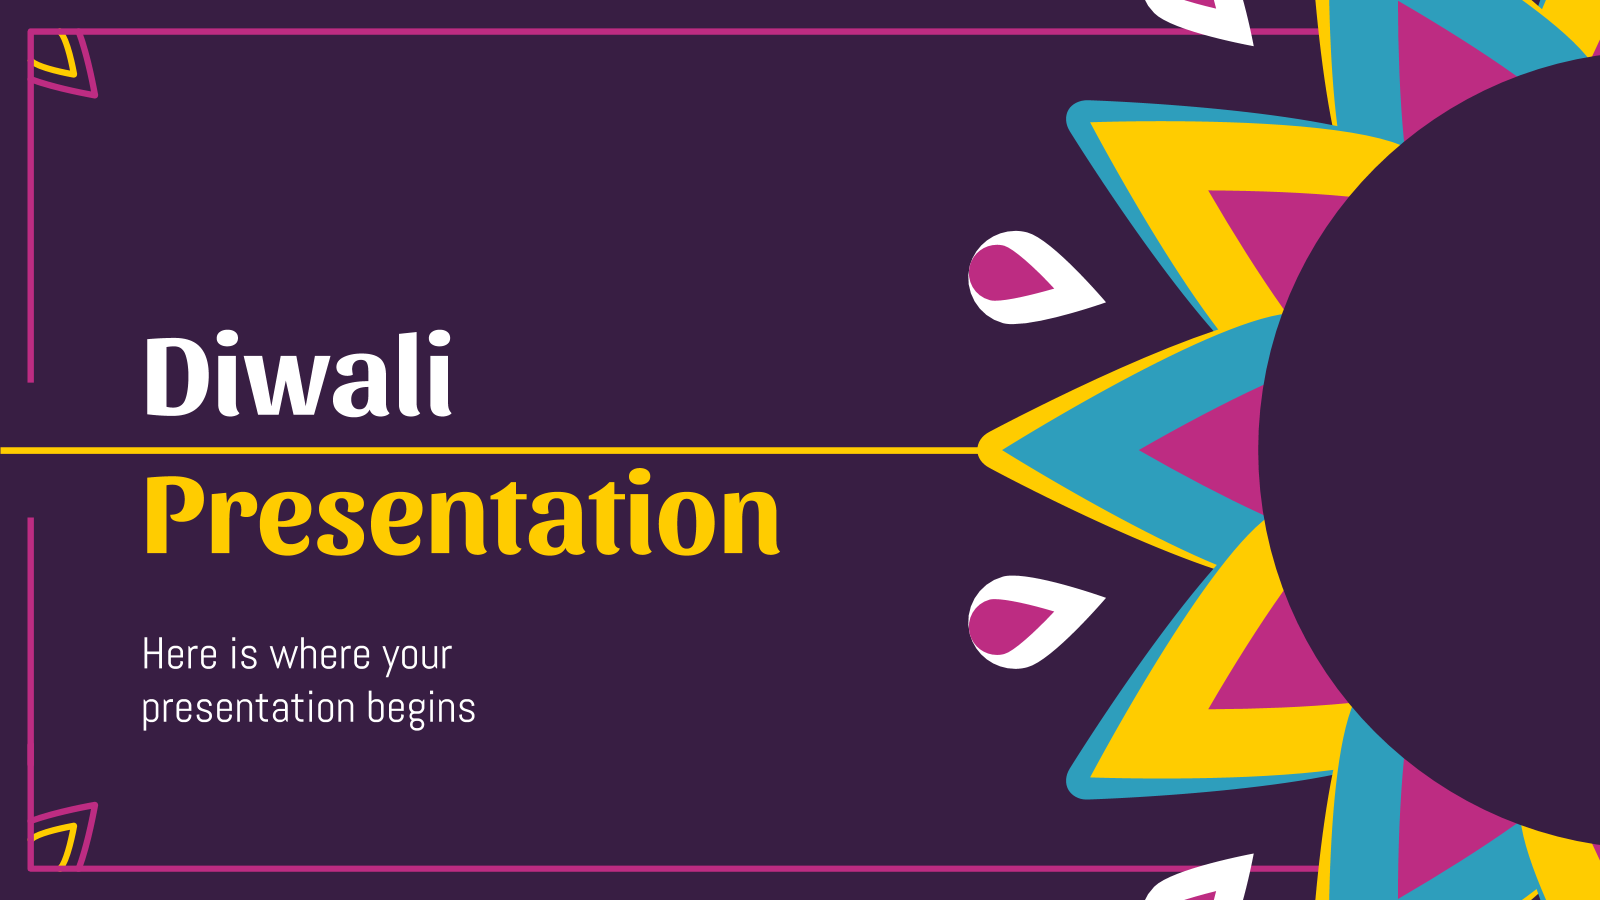 Plantilla de presentación Diwali